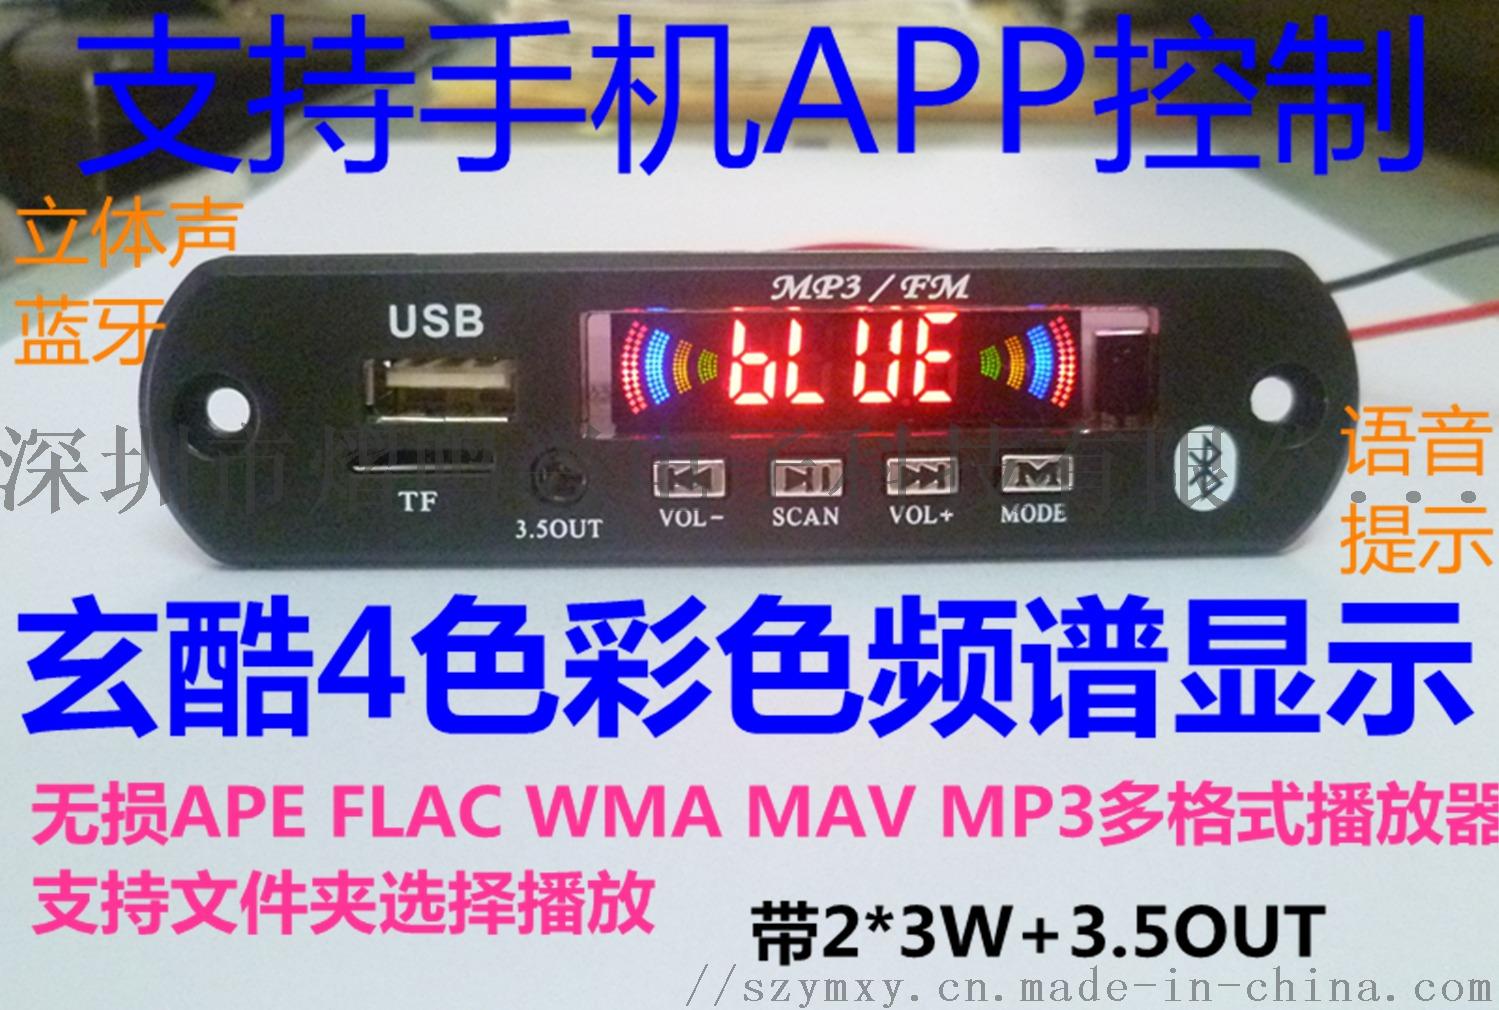 車載4色彩屏12V藍牙通話MP3解碼板無損APE模組MP3藍牙彩屏顯示解碼器807752585